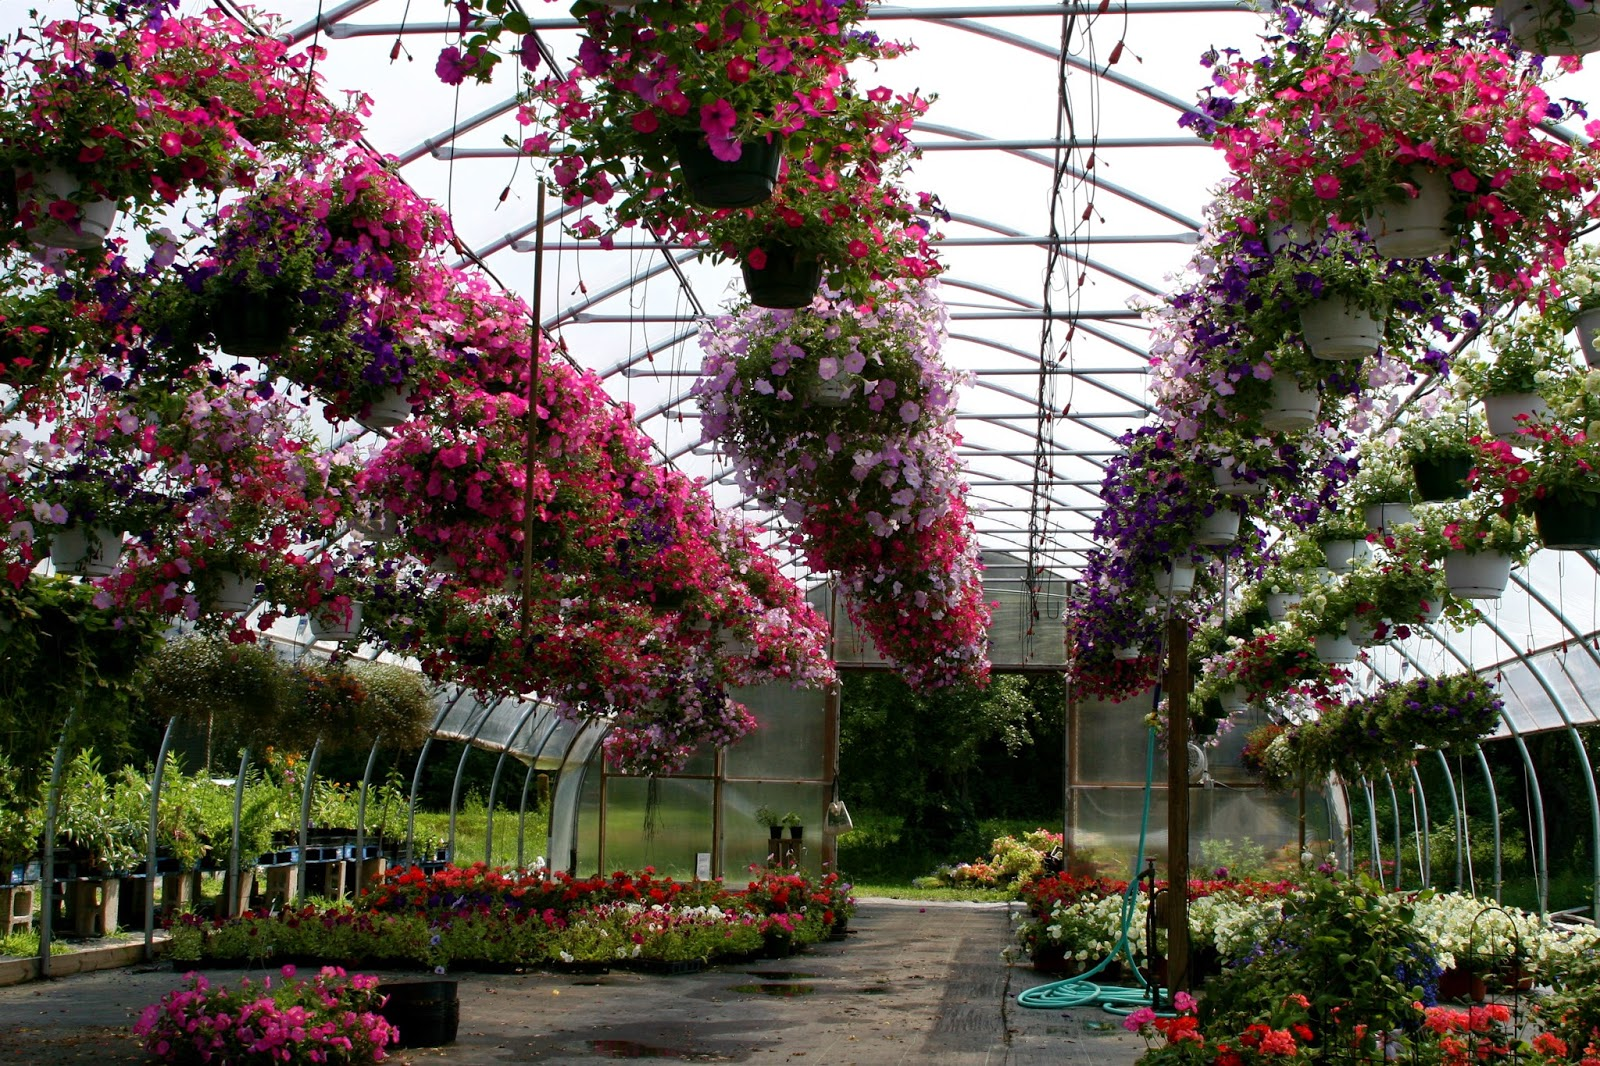 Garden Centre: Sistema De Sanación Natural Tinerfe: Spa Jardín, Huerto